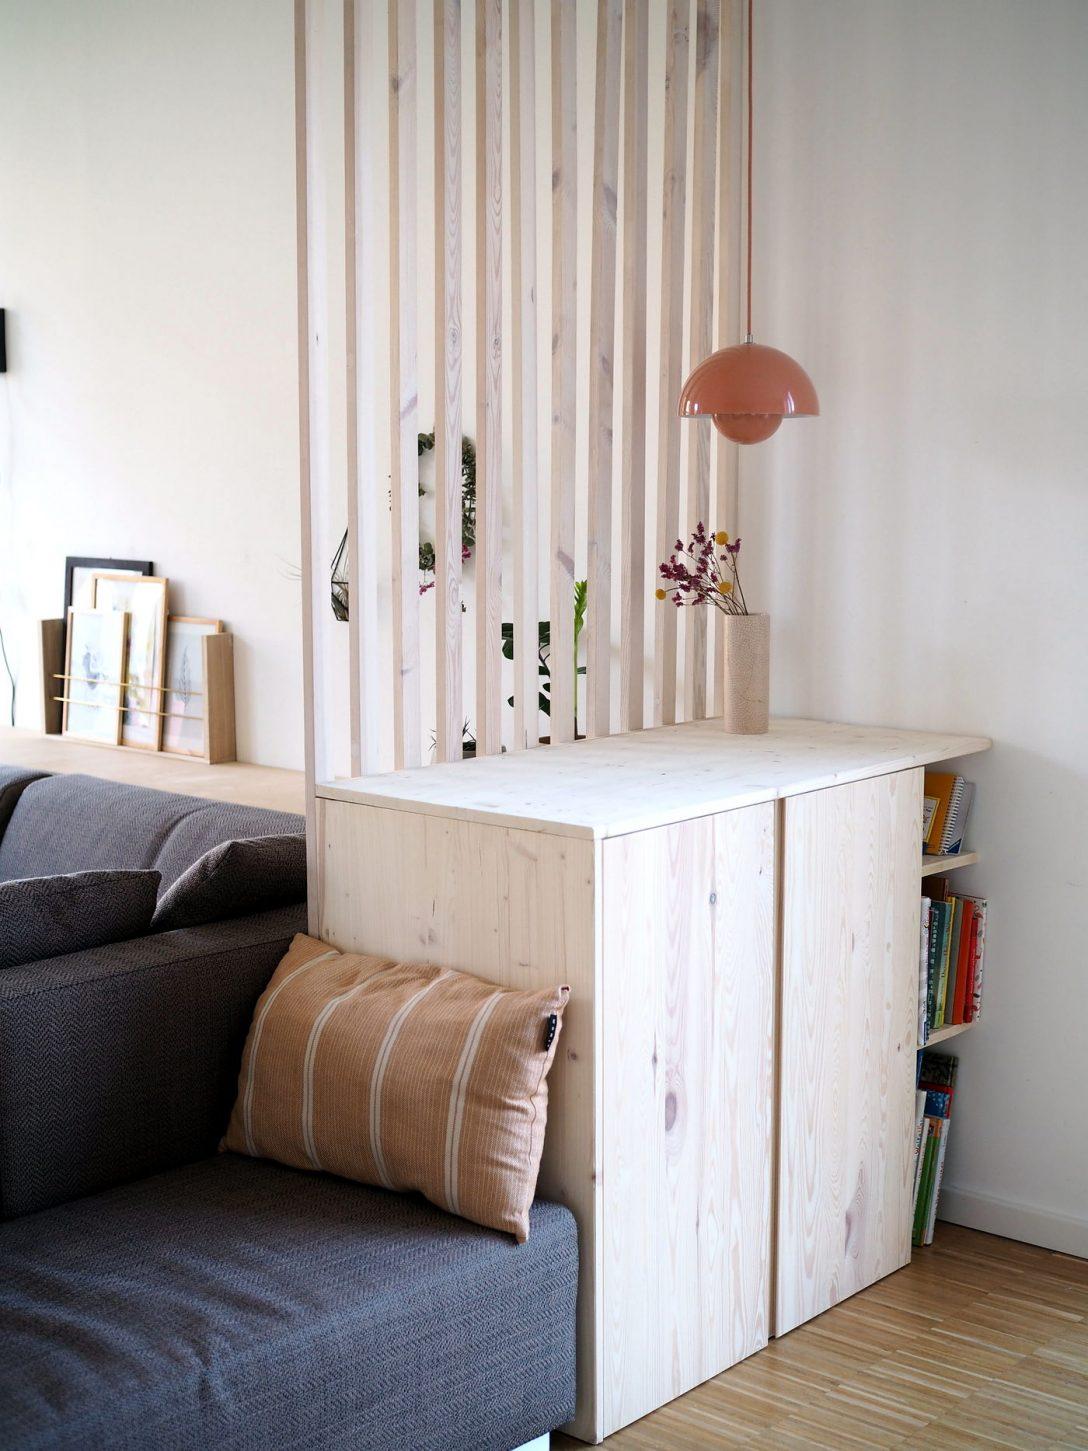 Large Size of Raumteiler Ikea Ideen Fr Und Raumtrenner Regal Küche Kosten Miniküche Betten 160x200 Bei Sofa Mit Schlaffunktion Modulküche Kaufen Wohnzimmer Raumteiler Ikea